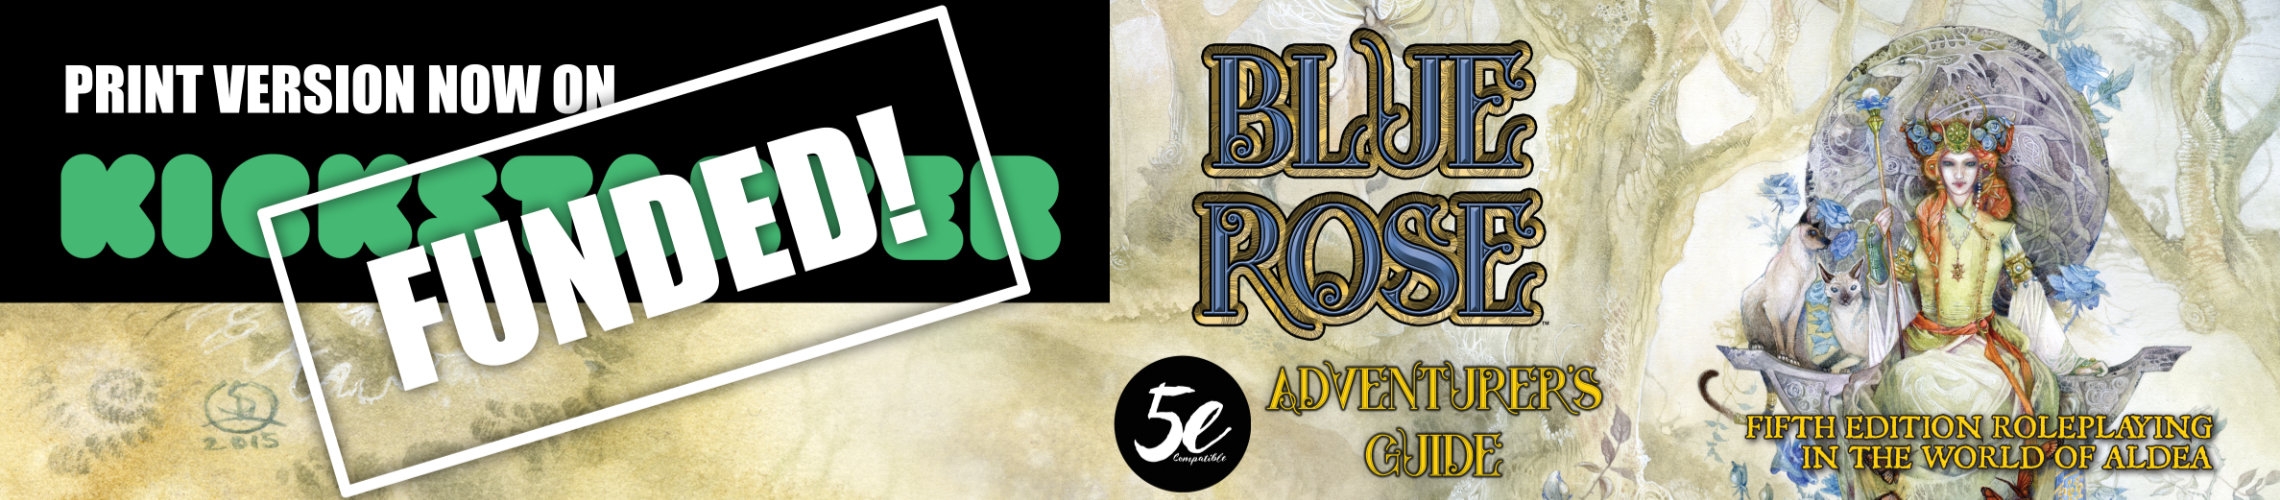 Blue Rose Adventurer's Guide Print Version Funded on Kickstarter: Help us unlock stretch goals!